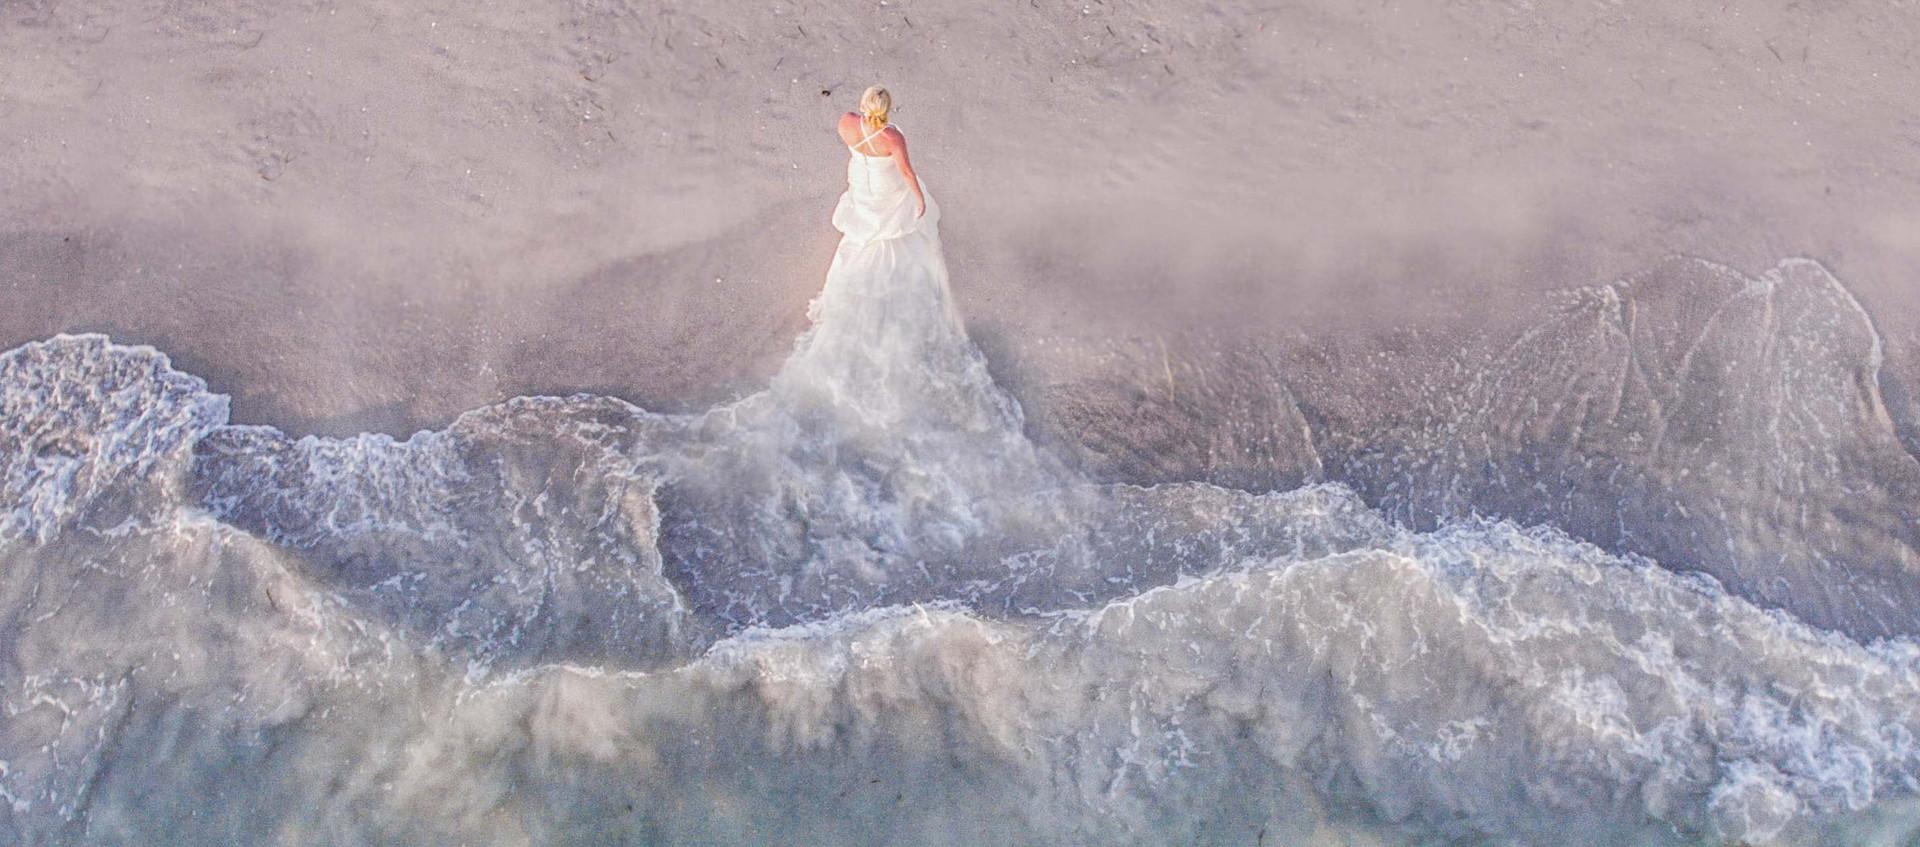 Brideand waves-2.jpg